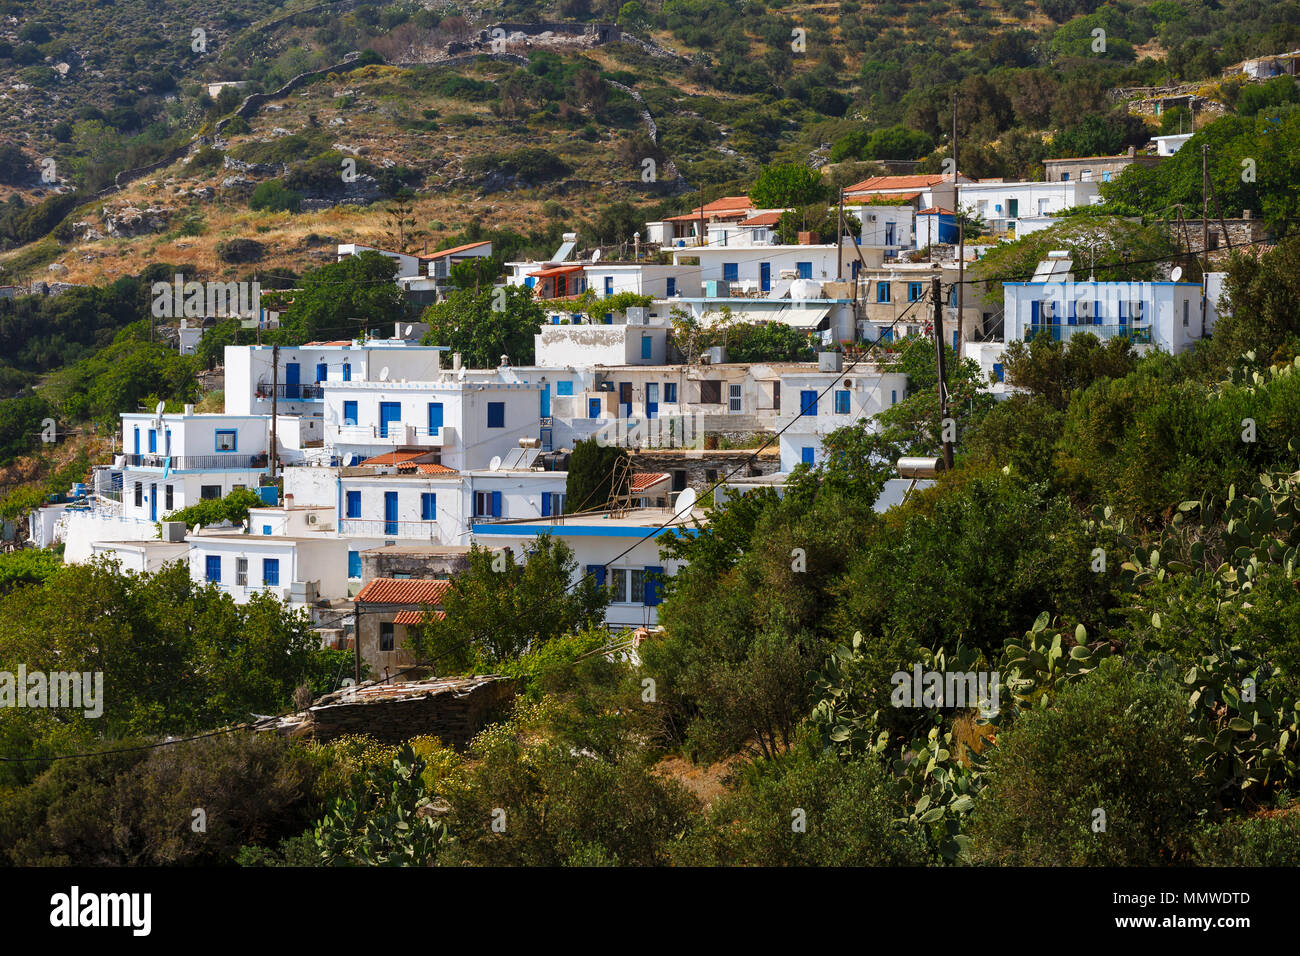 Villaggio Chrysomilia su Fourni Island, Grecia. Immagini Stock